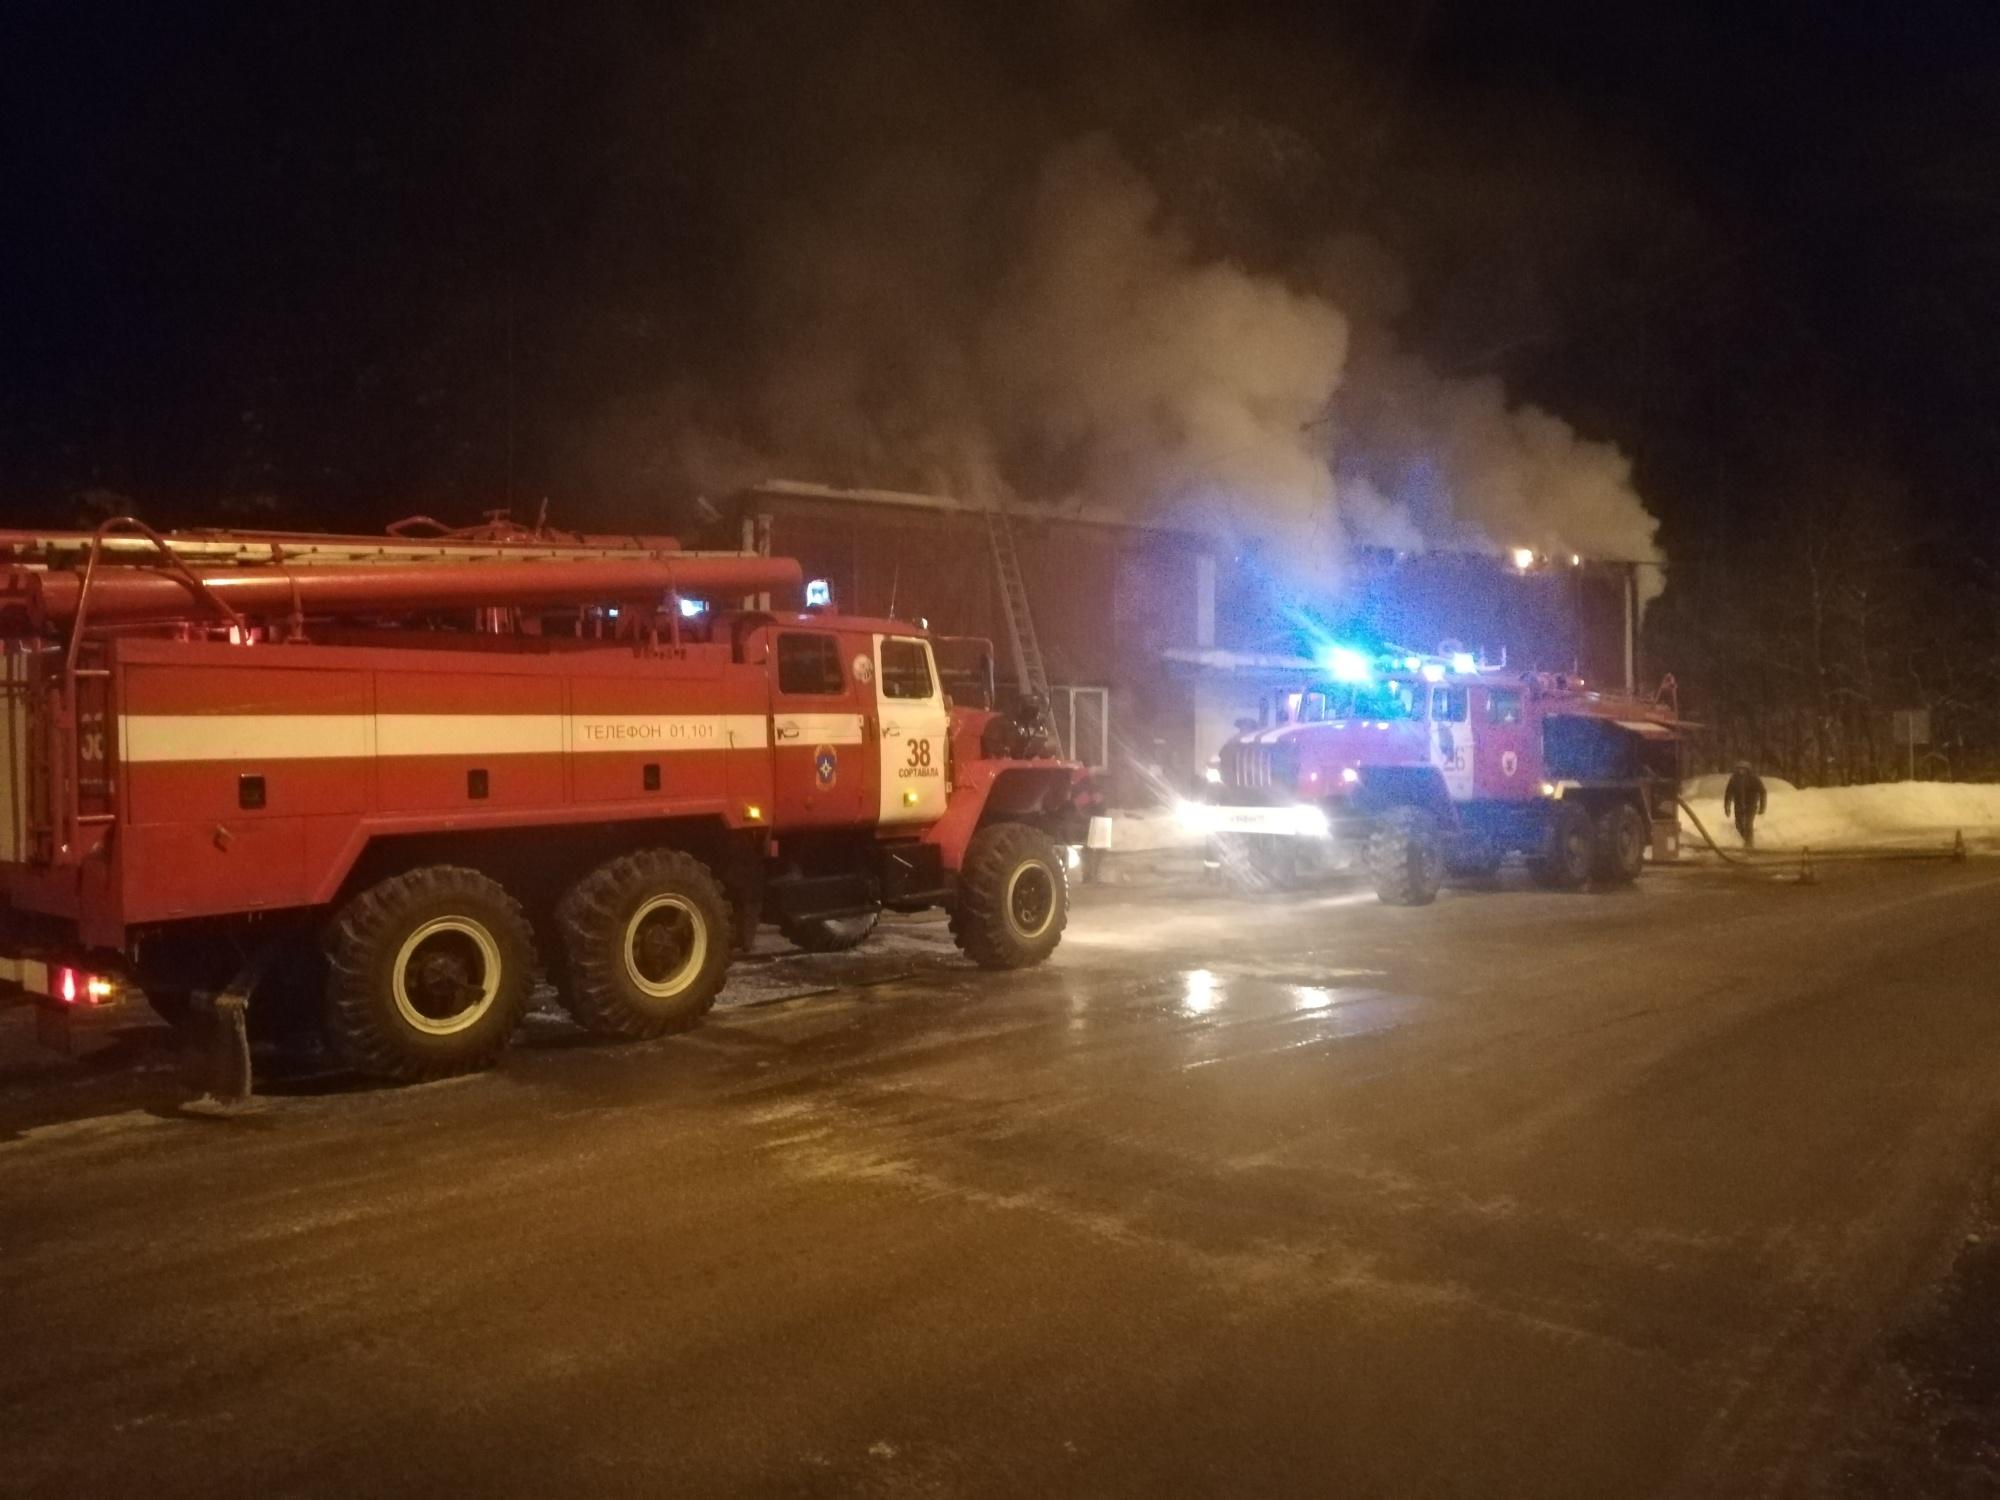 Пожарно-спасательные подразделения привлекались для ликвидации пожара в г. Лахденпохья.